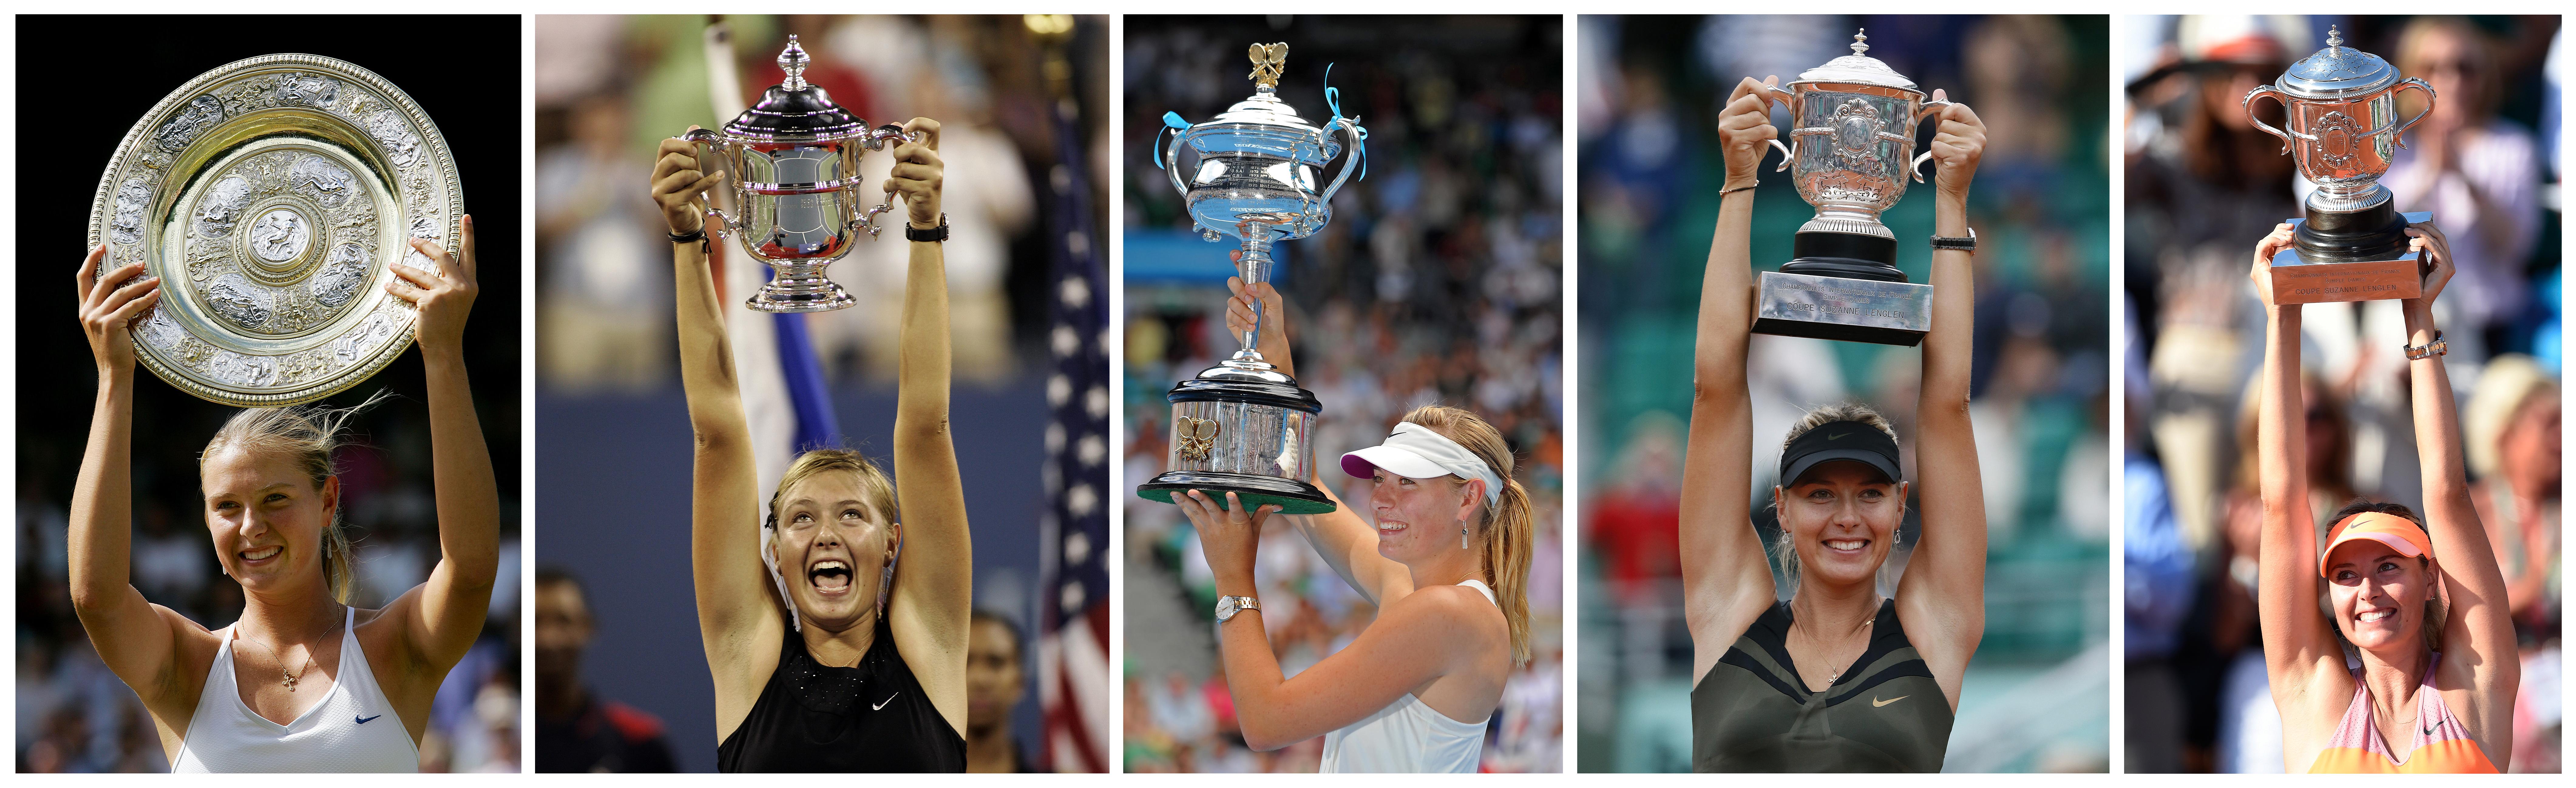 Los grandes títulos de la tenista rusa Maria Sharapova: Wimbledon 2004, US Open 2006, Abierto de Australia 2008 y Roland Garros 2012 y 2014.